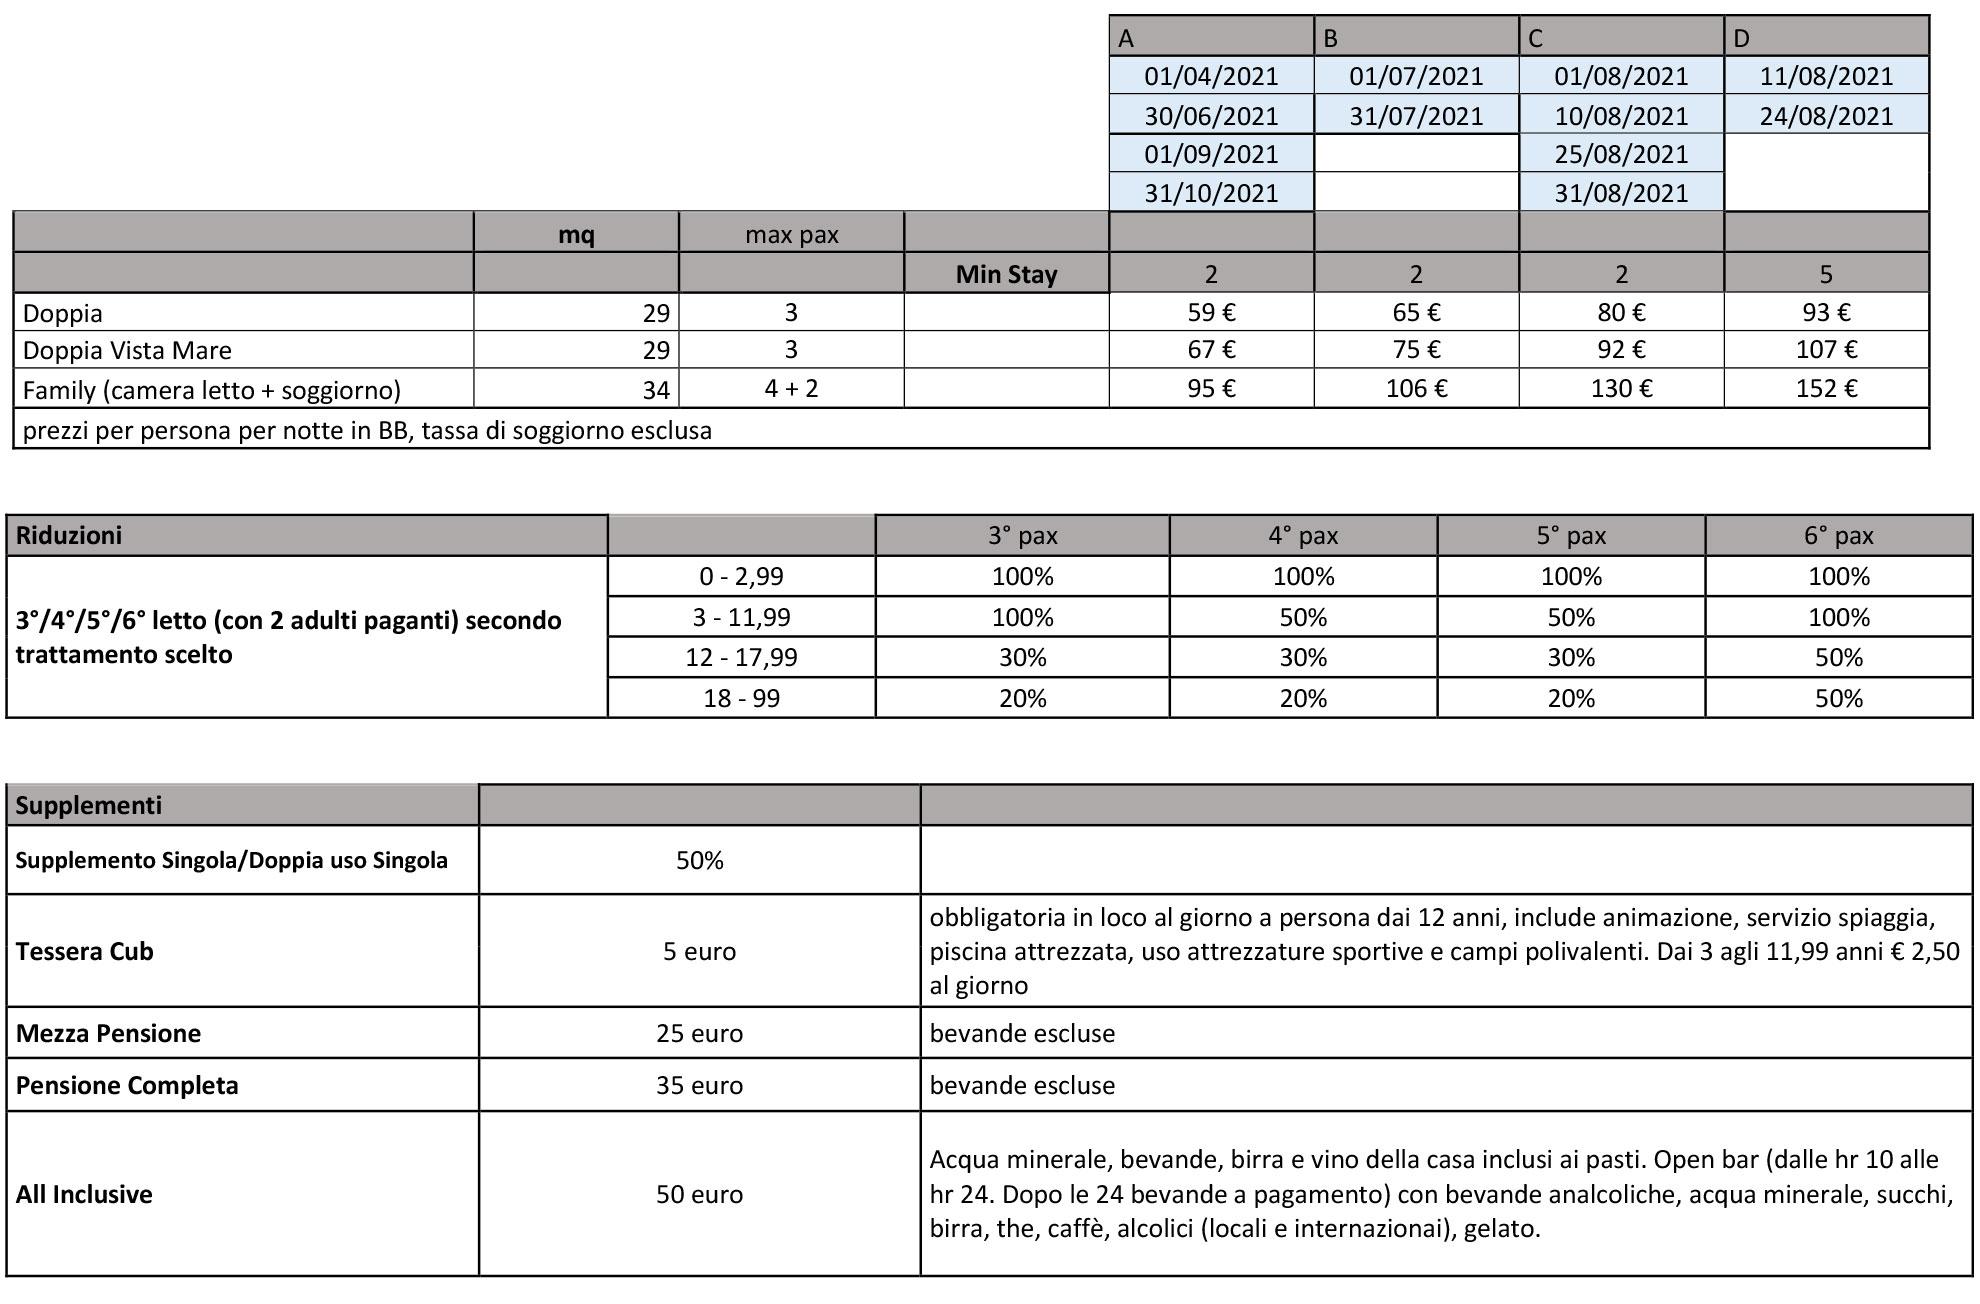 tabella-prezzi-1